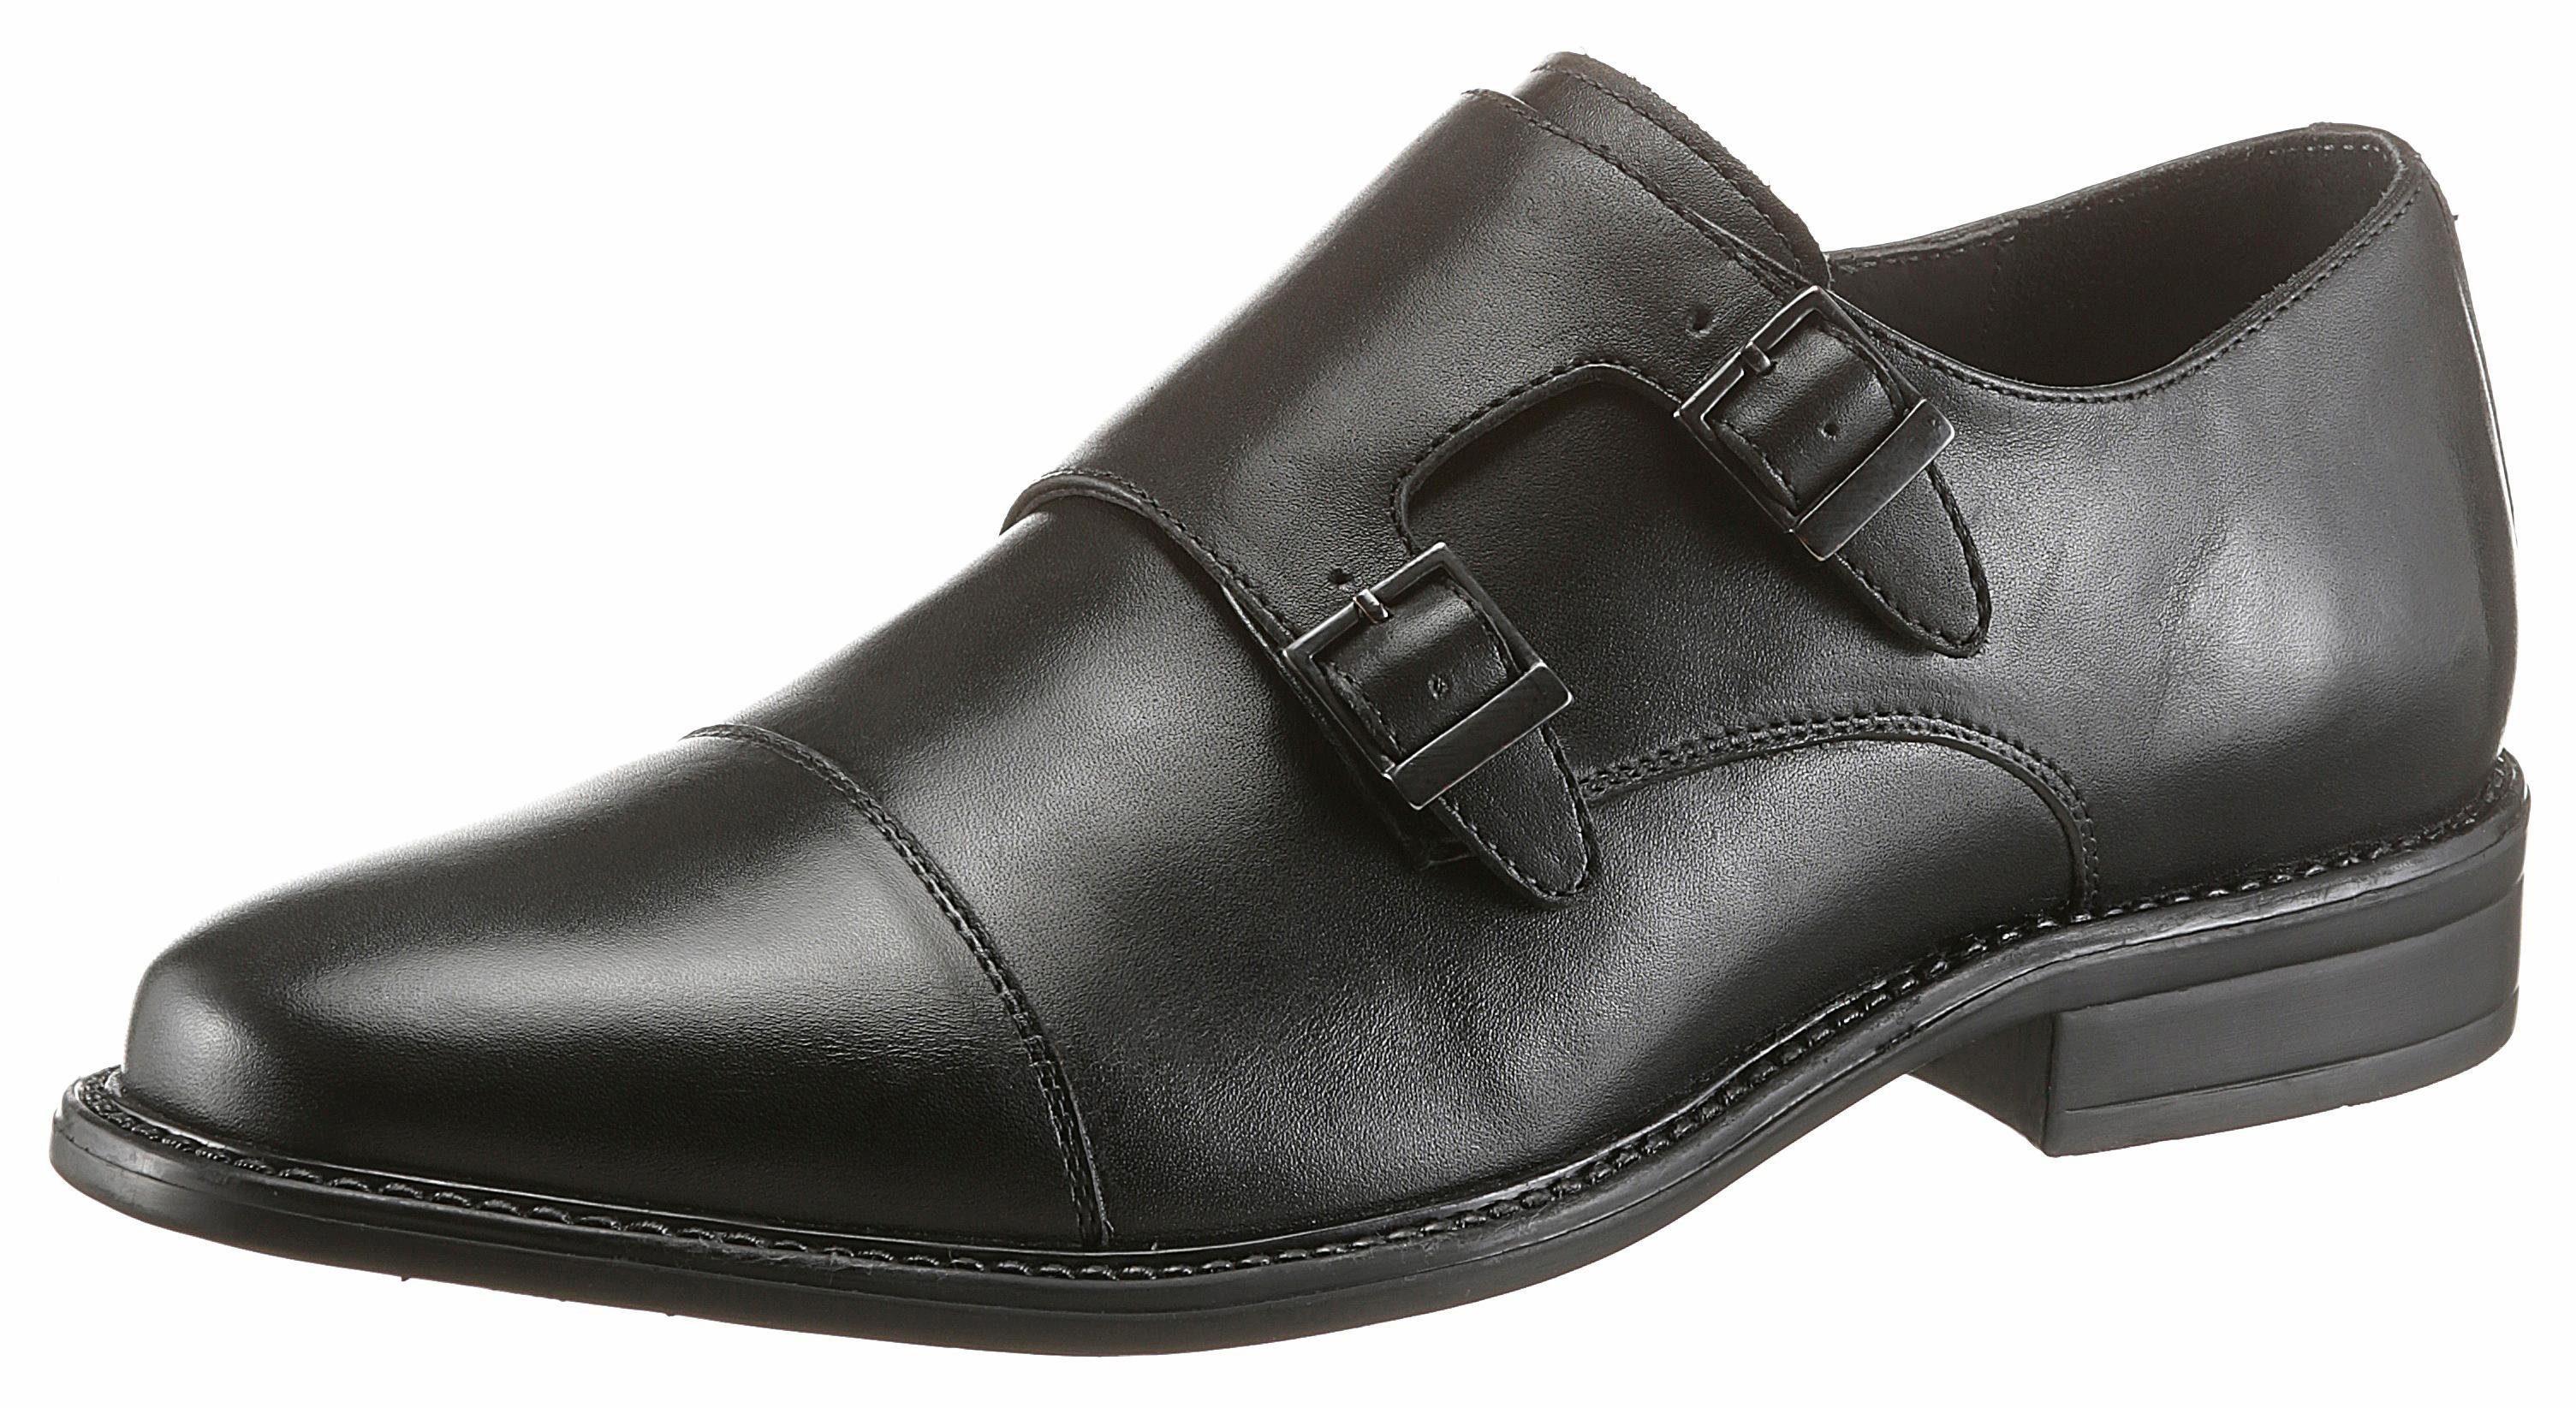 PETROLIO Slipper, mit 2 Schnallen online kaufen  schwarz